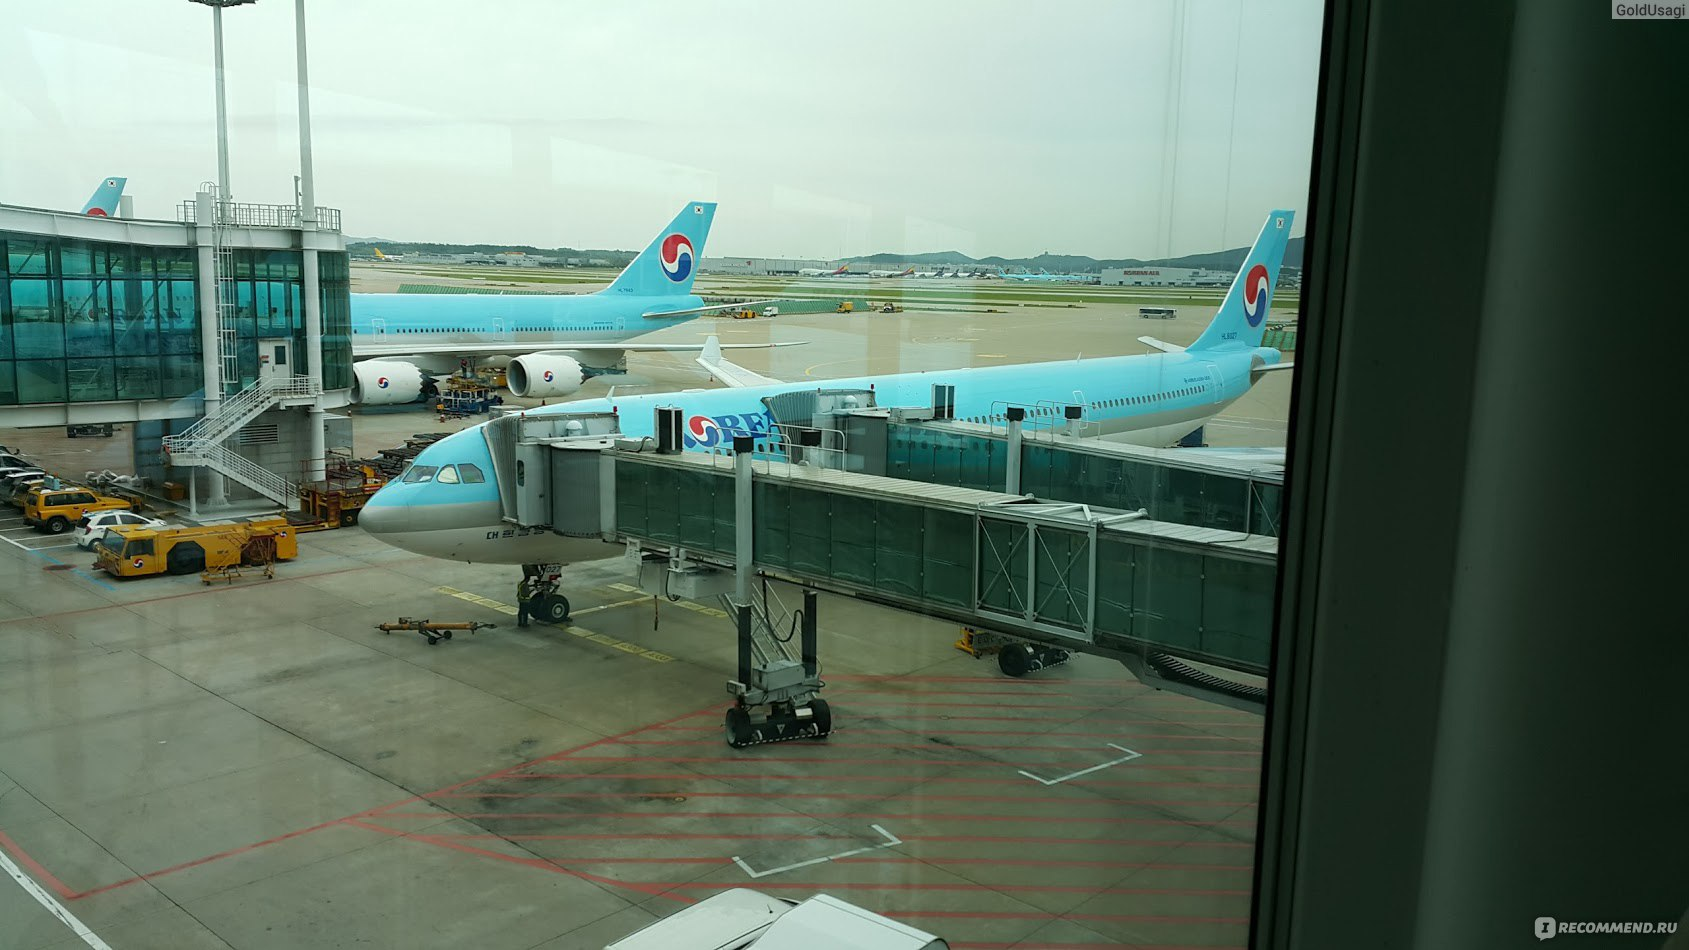 Согласно сведениям онлайн-табло аэропорта домодедово, к настоящему моменту несколько десятков рейсов различных авиакомпаний отправлены с задержкой или до сих пор ожидают вылета.